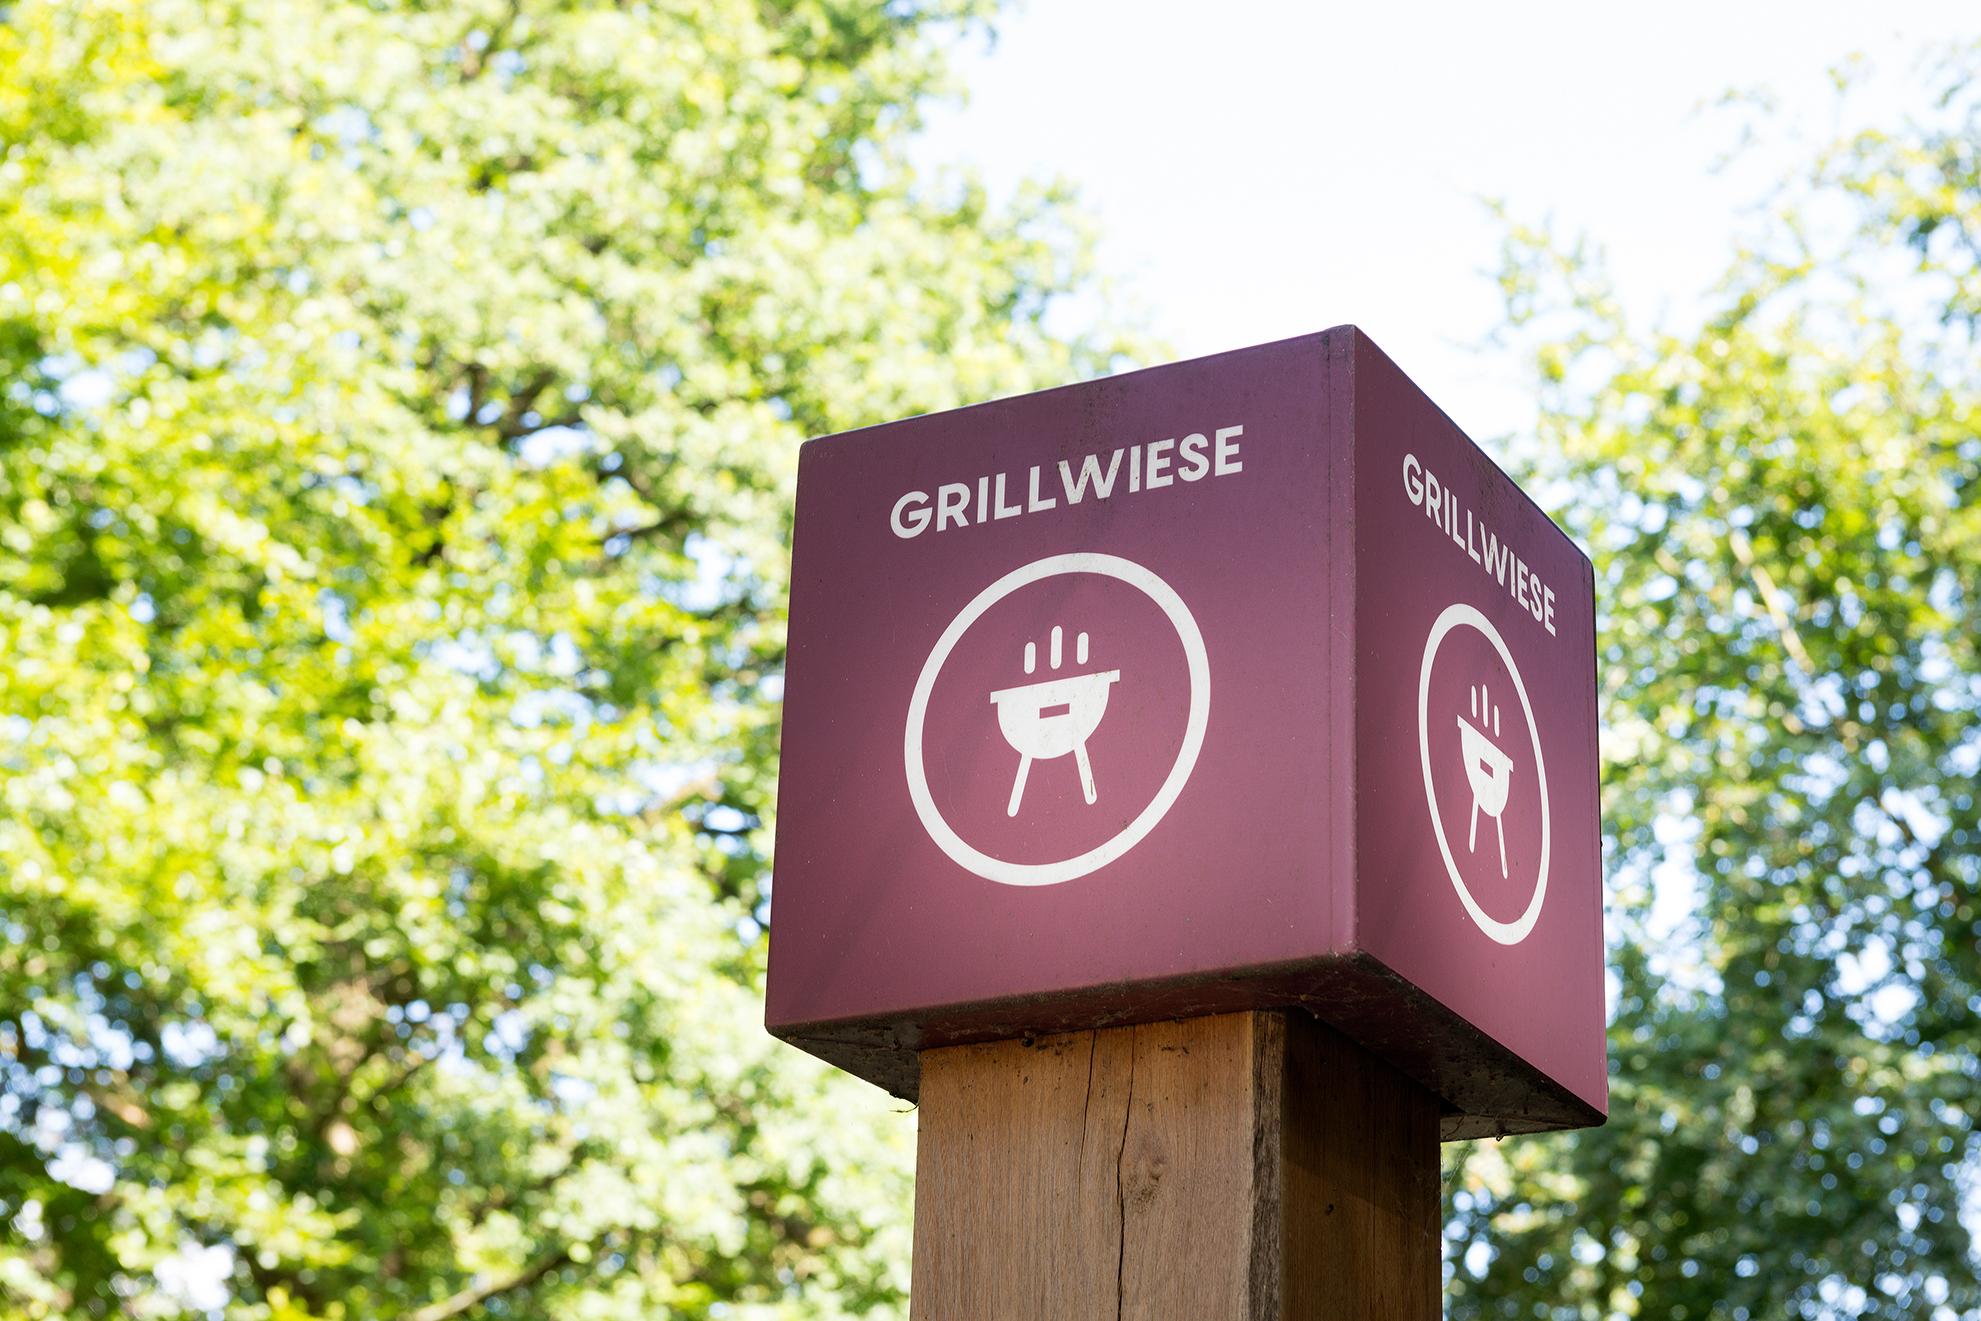 Grillplatz Stadtwald Rheydt